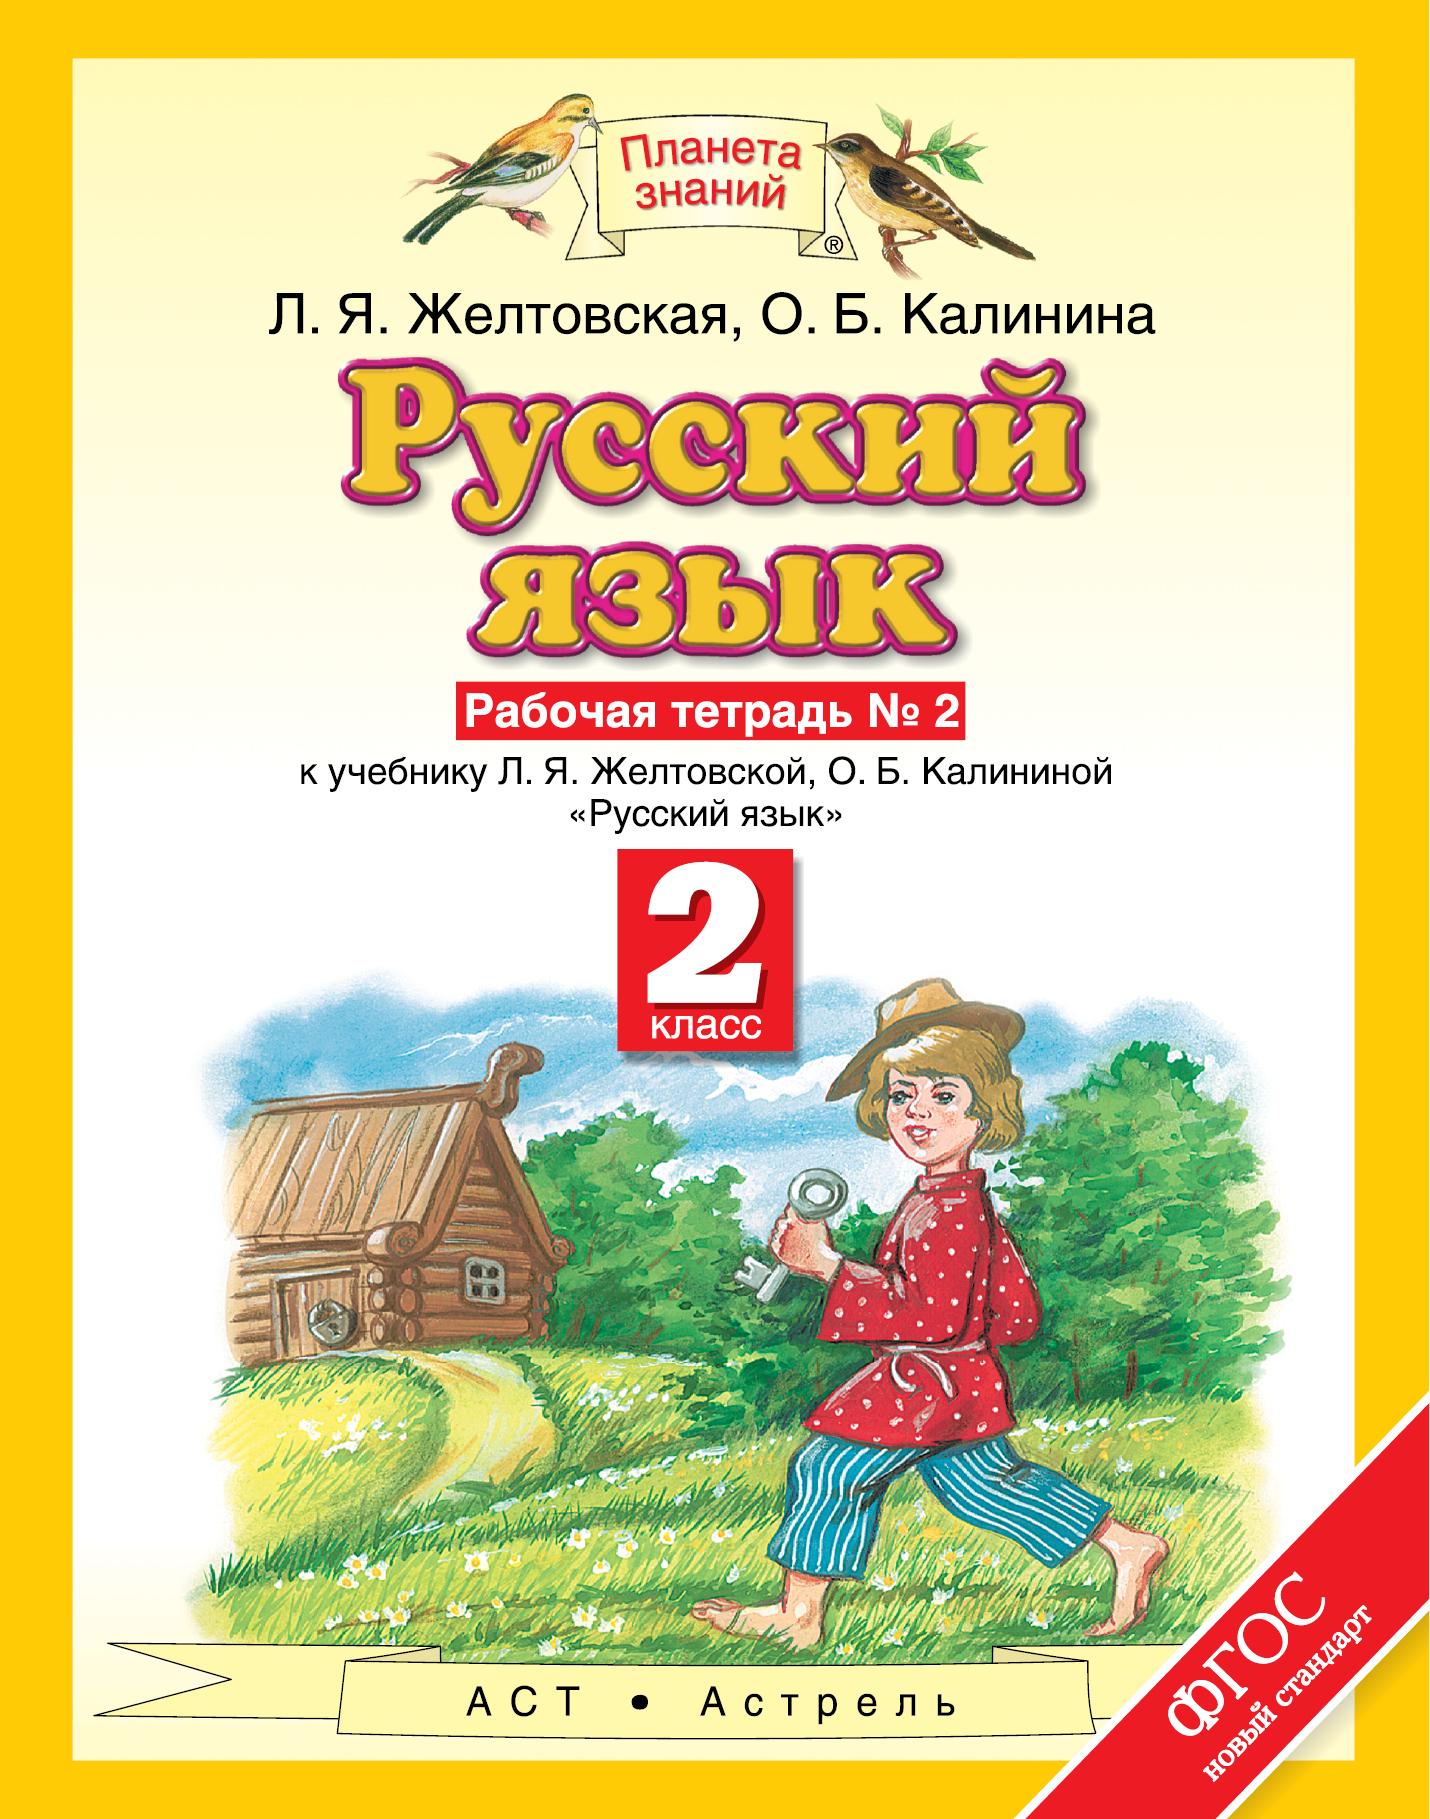 Русский язык. 2 класс. Рабочая тетрадь № 2